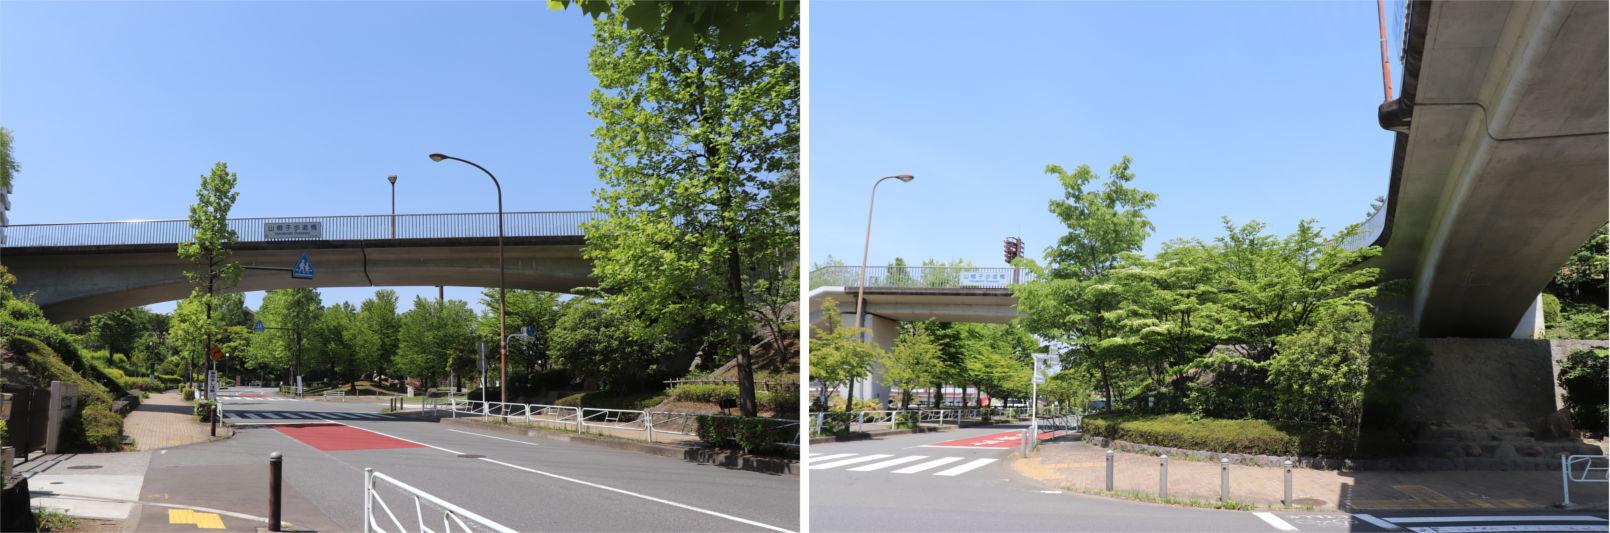 [多摩NTの橋ぜんぶ撮影PJ] No.36~40 上柚木公園周辺の橋_a0332275_00480000.jpg